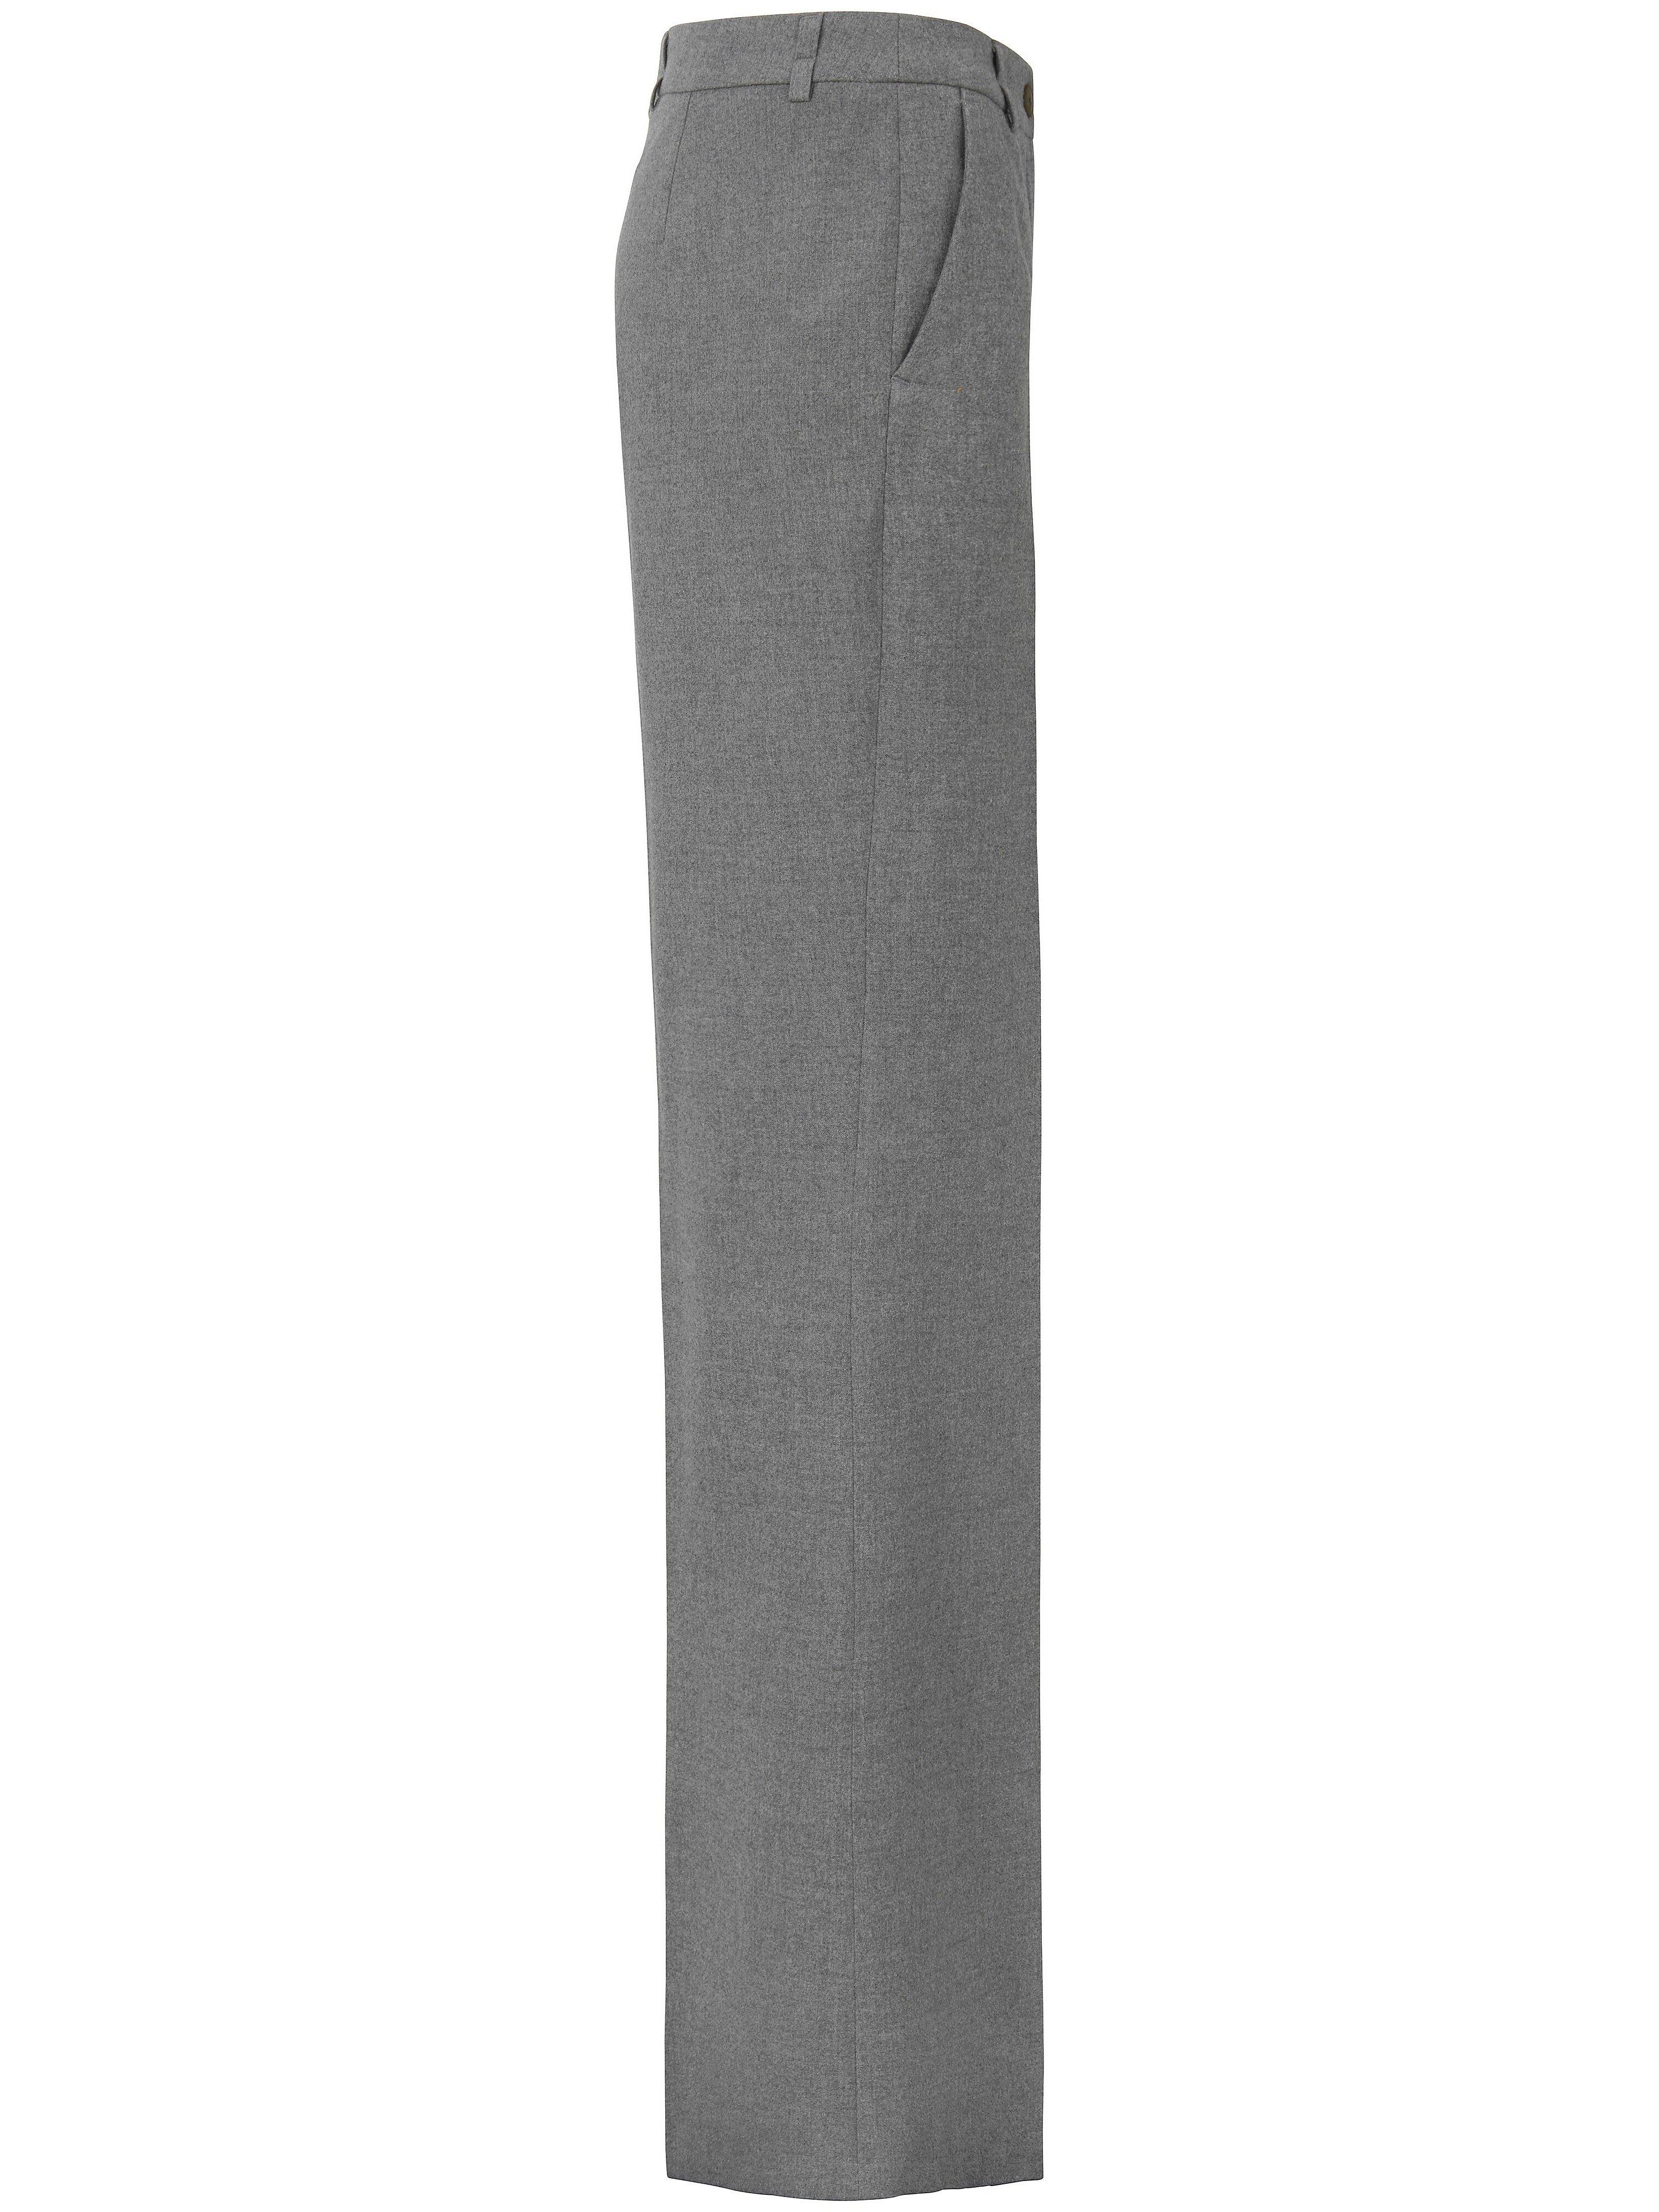 Bukser pasform 'Wide Fit' Fra DAY.LIKE grå